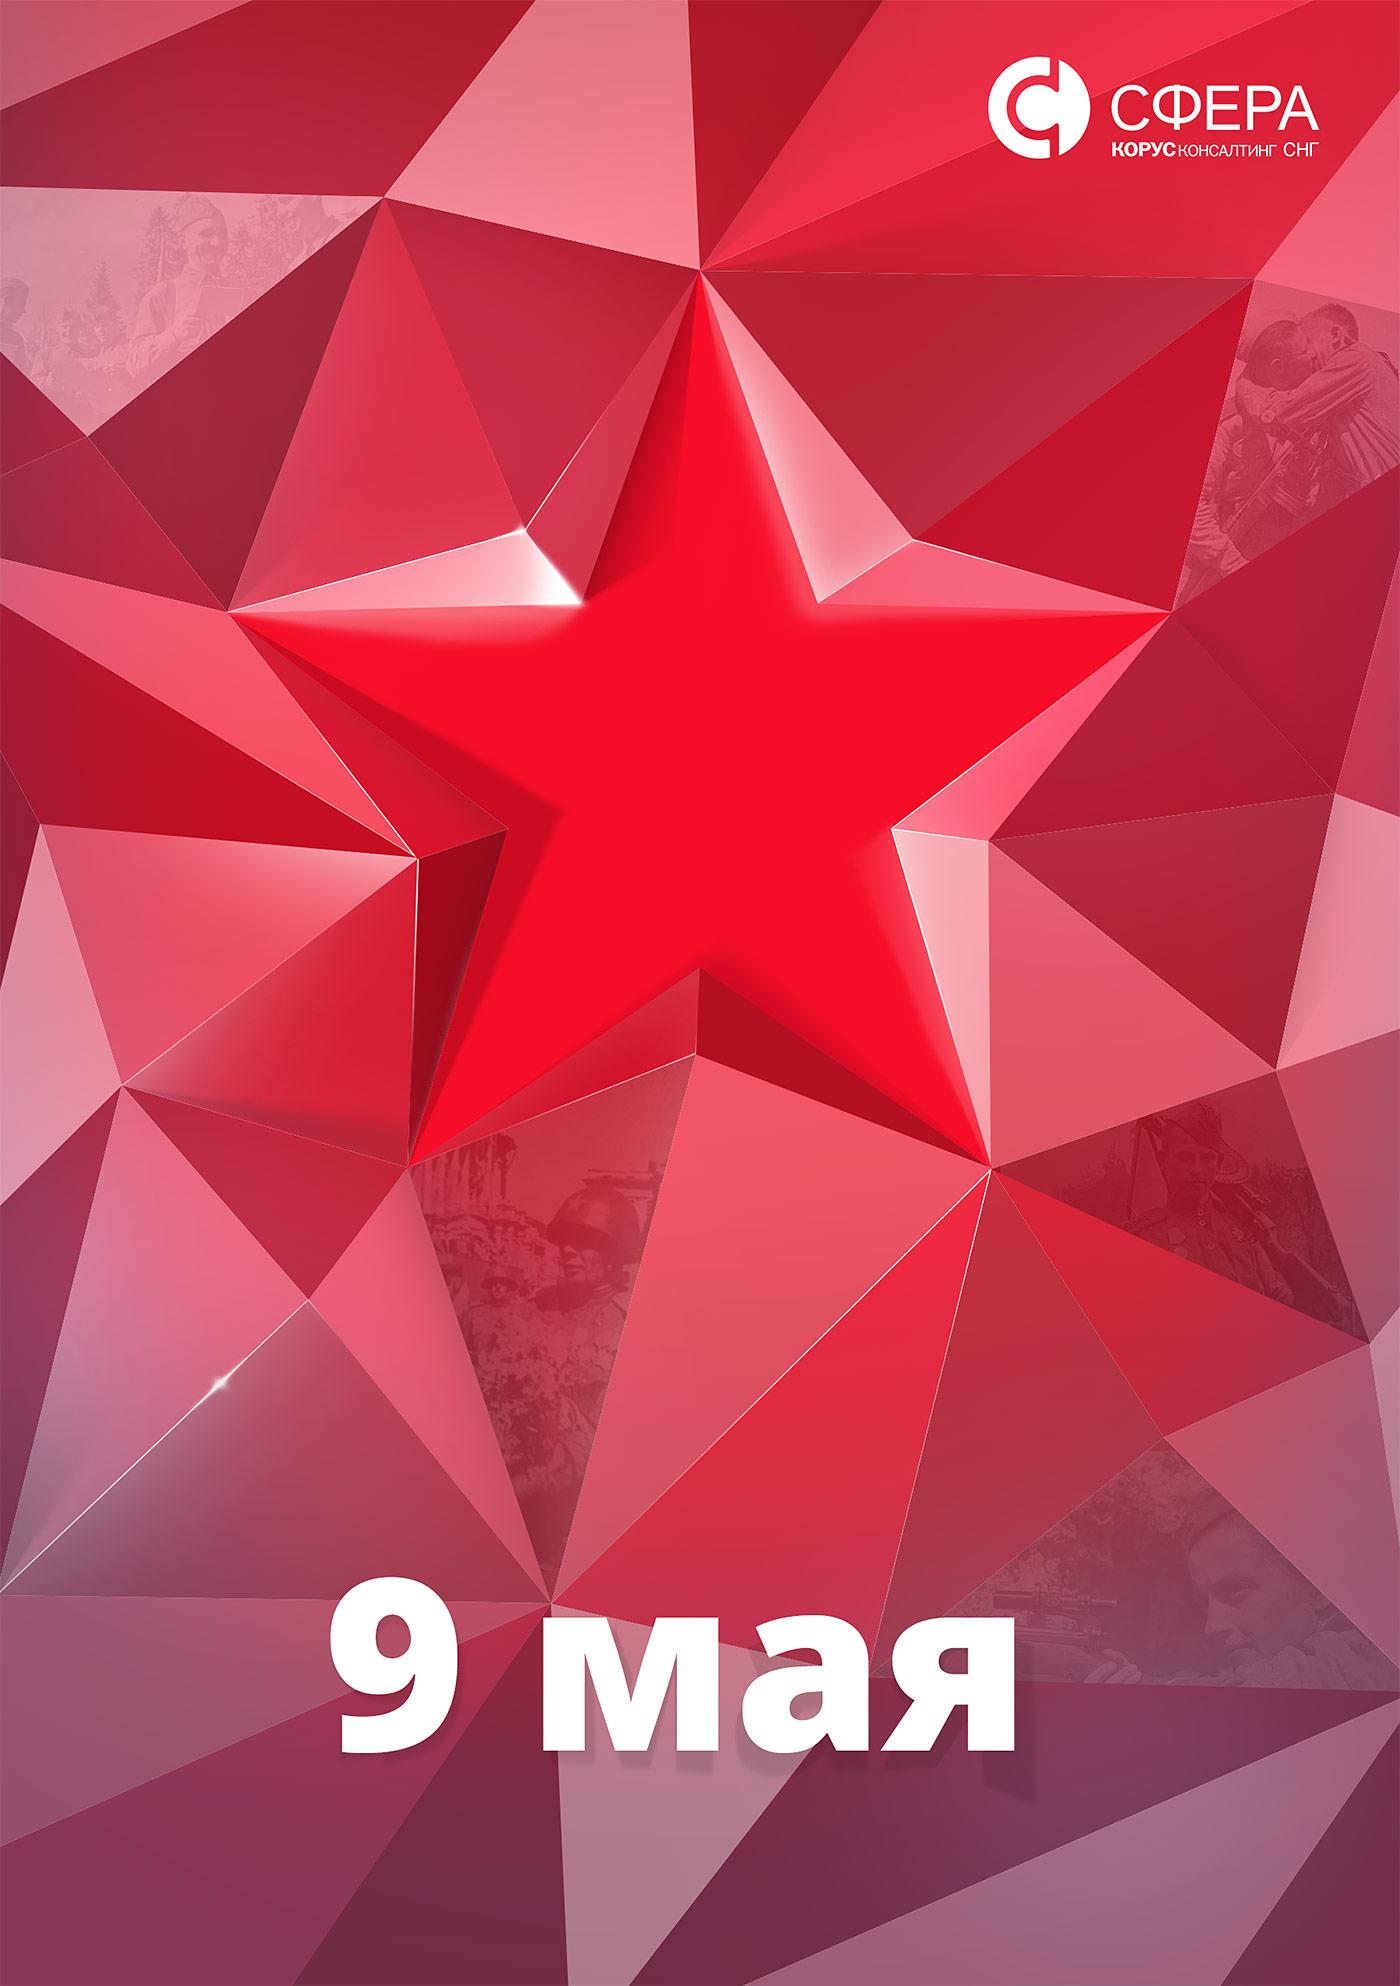 Открытка с 9 мая дизайнерская